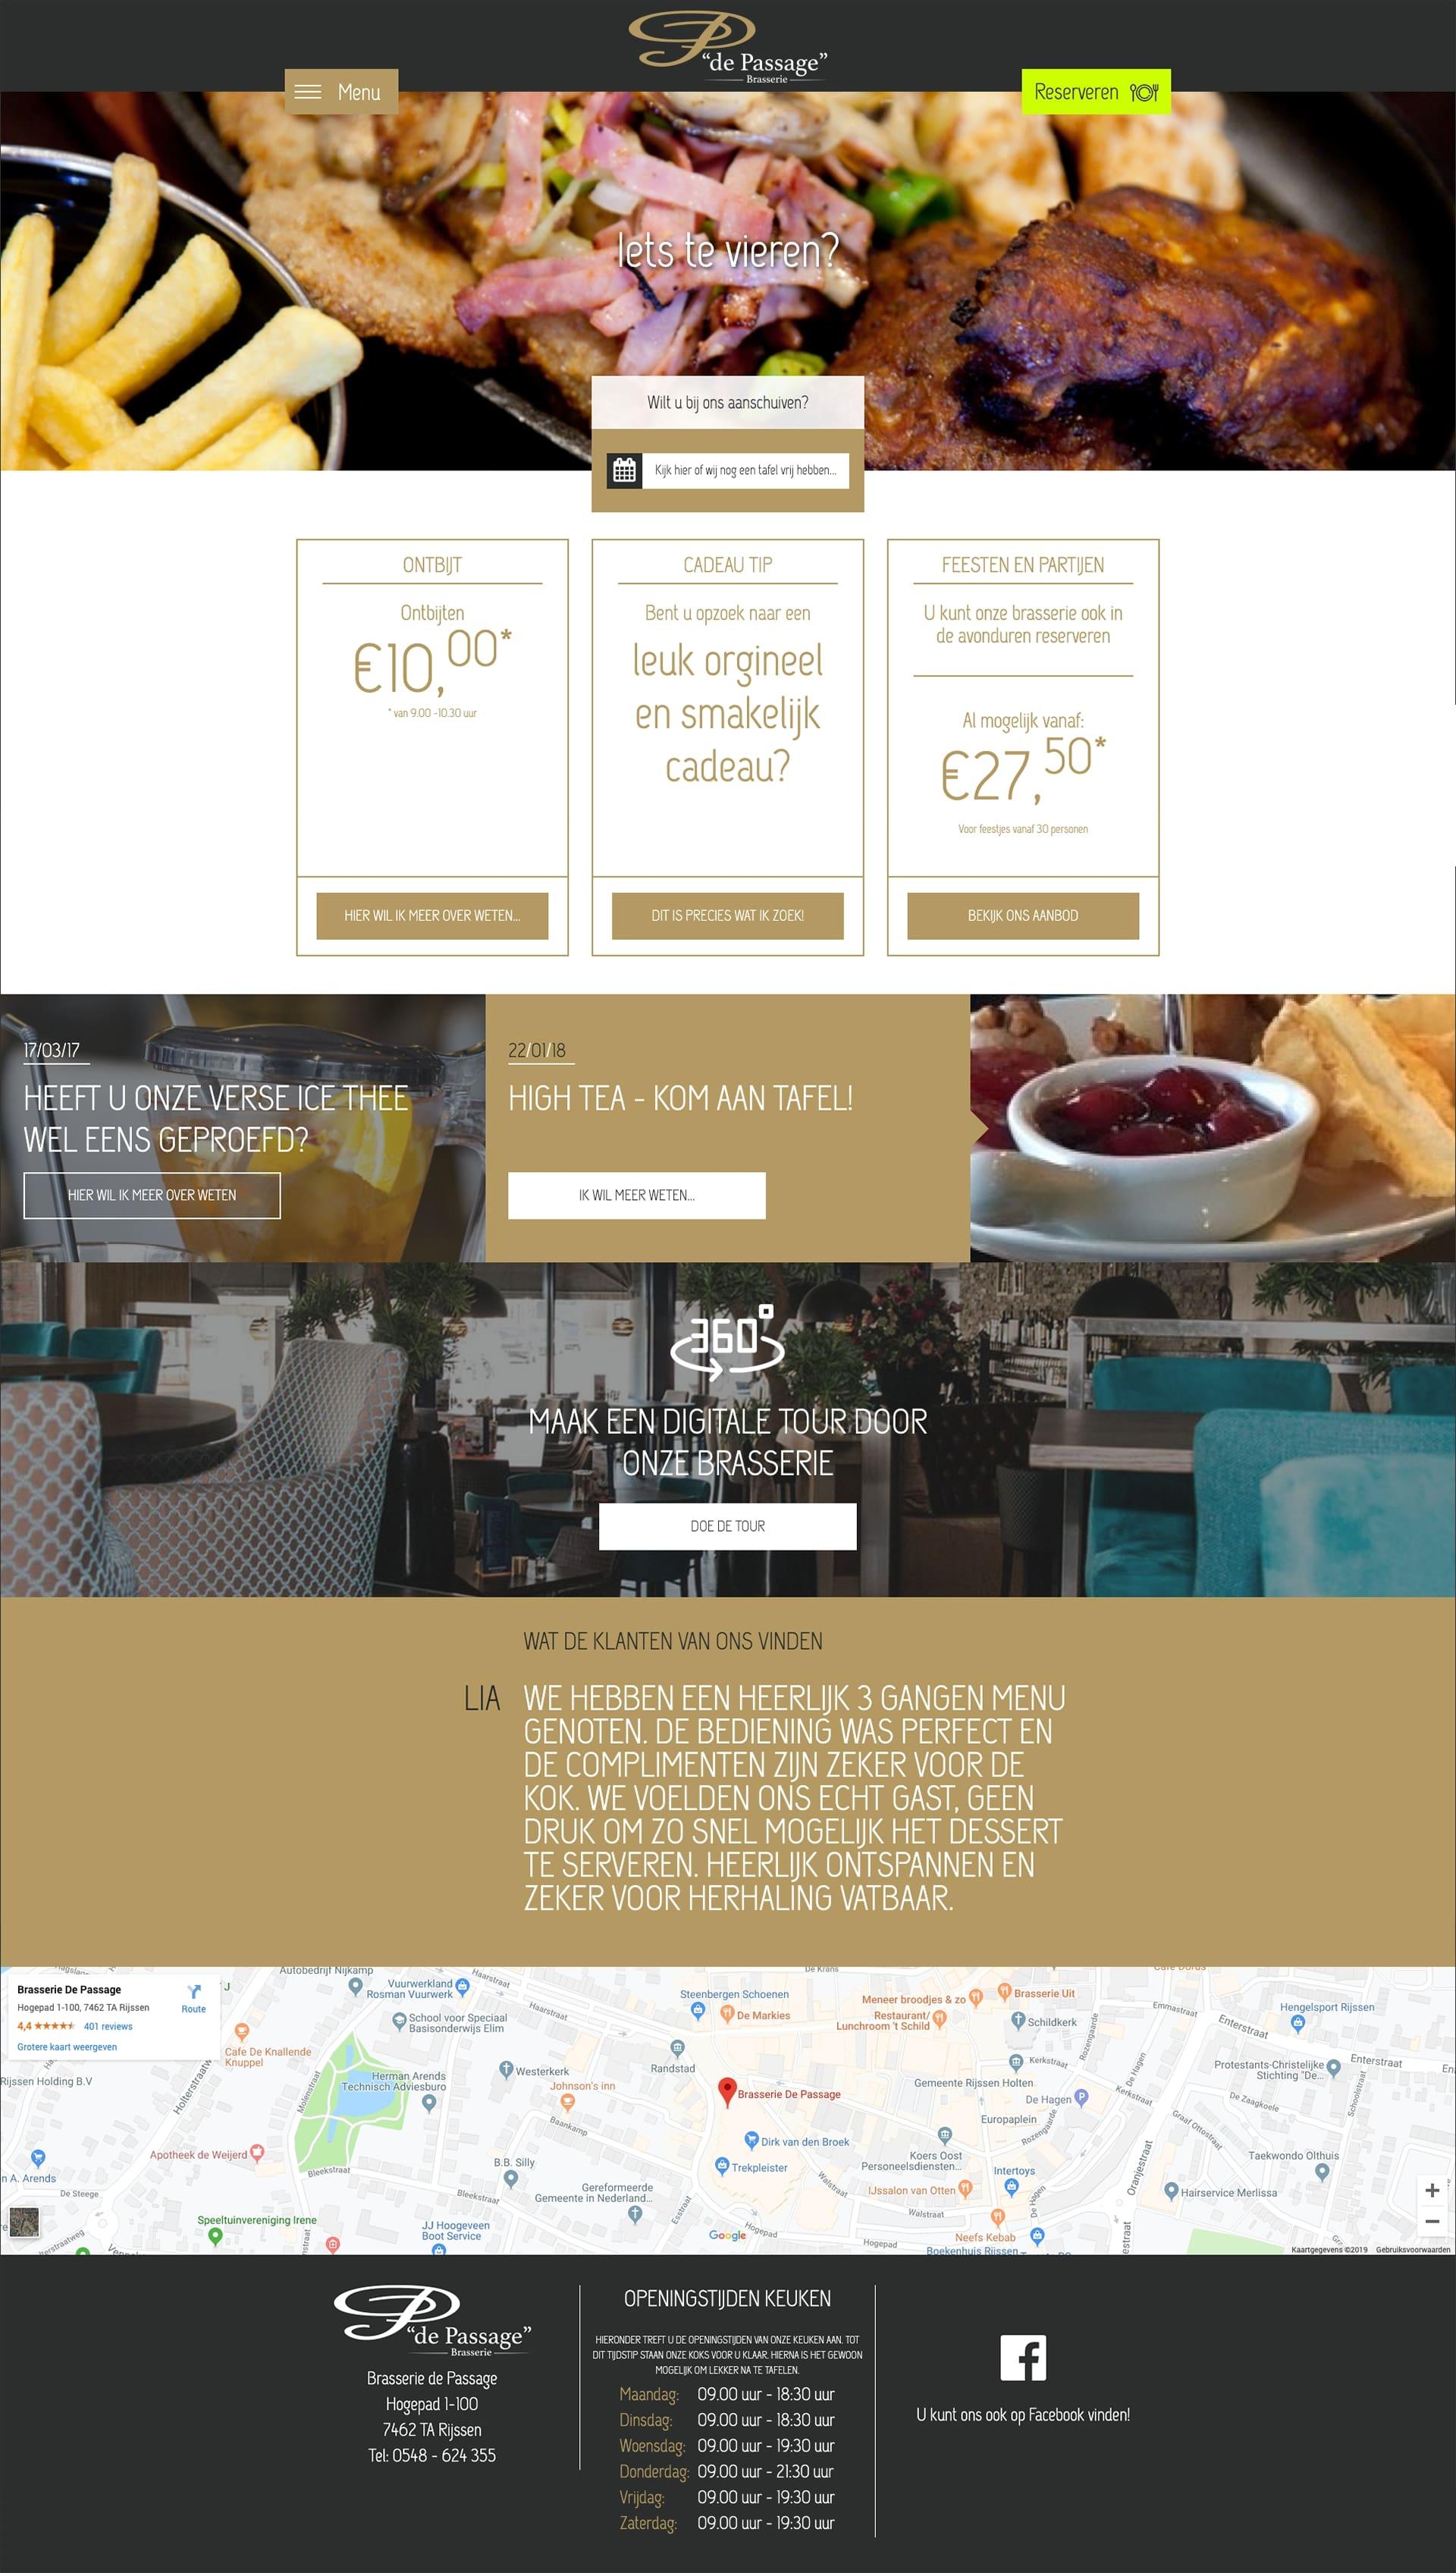 We bouwen graag aan het merk Brasserie de Passage